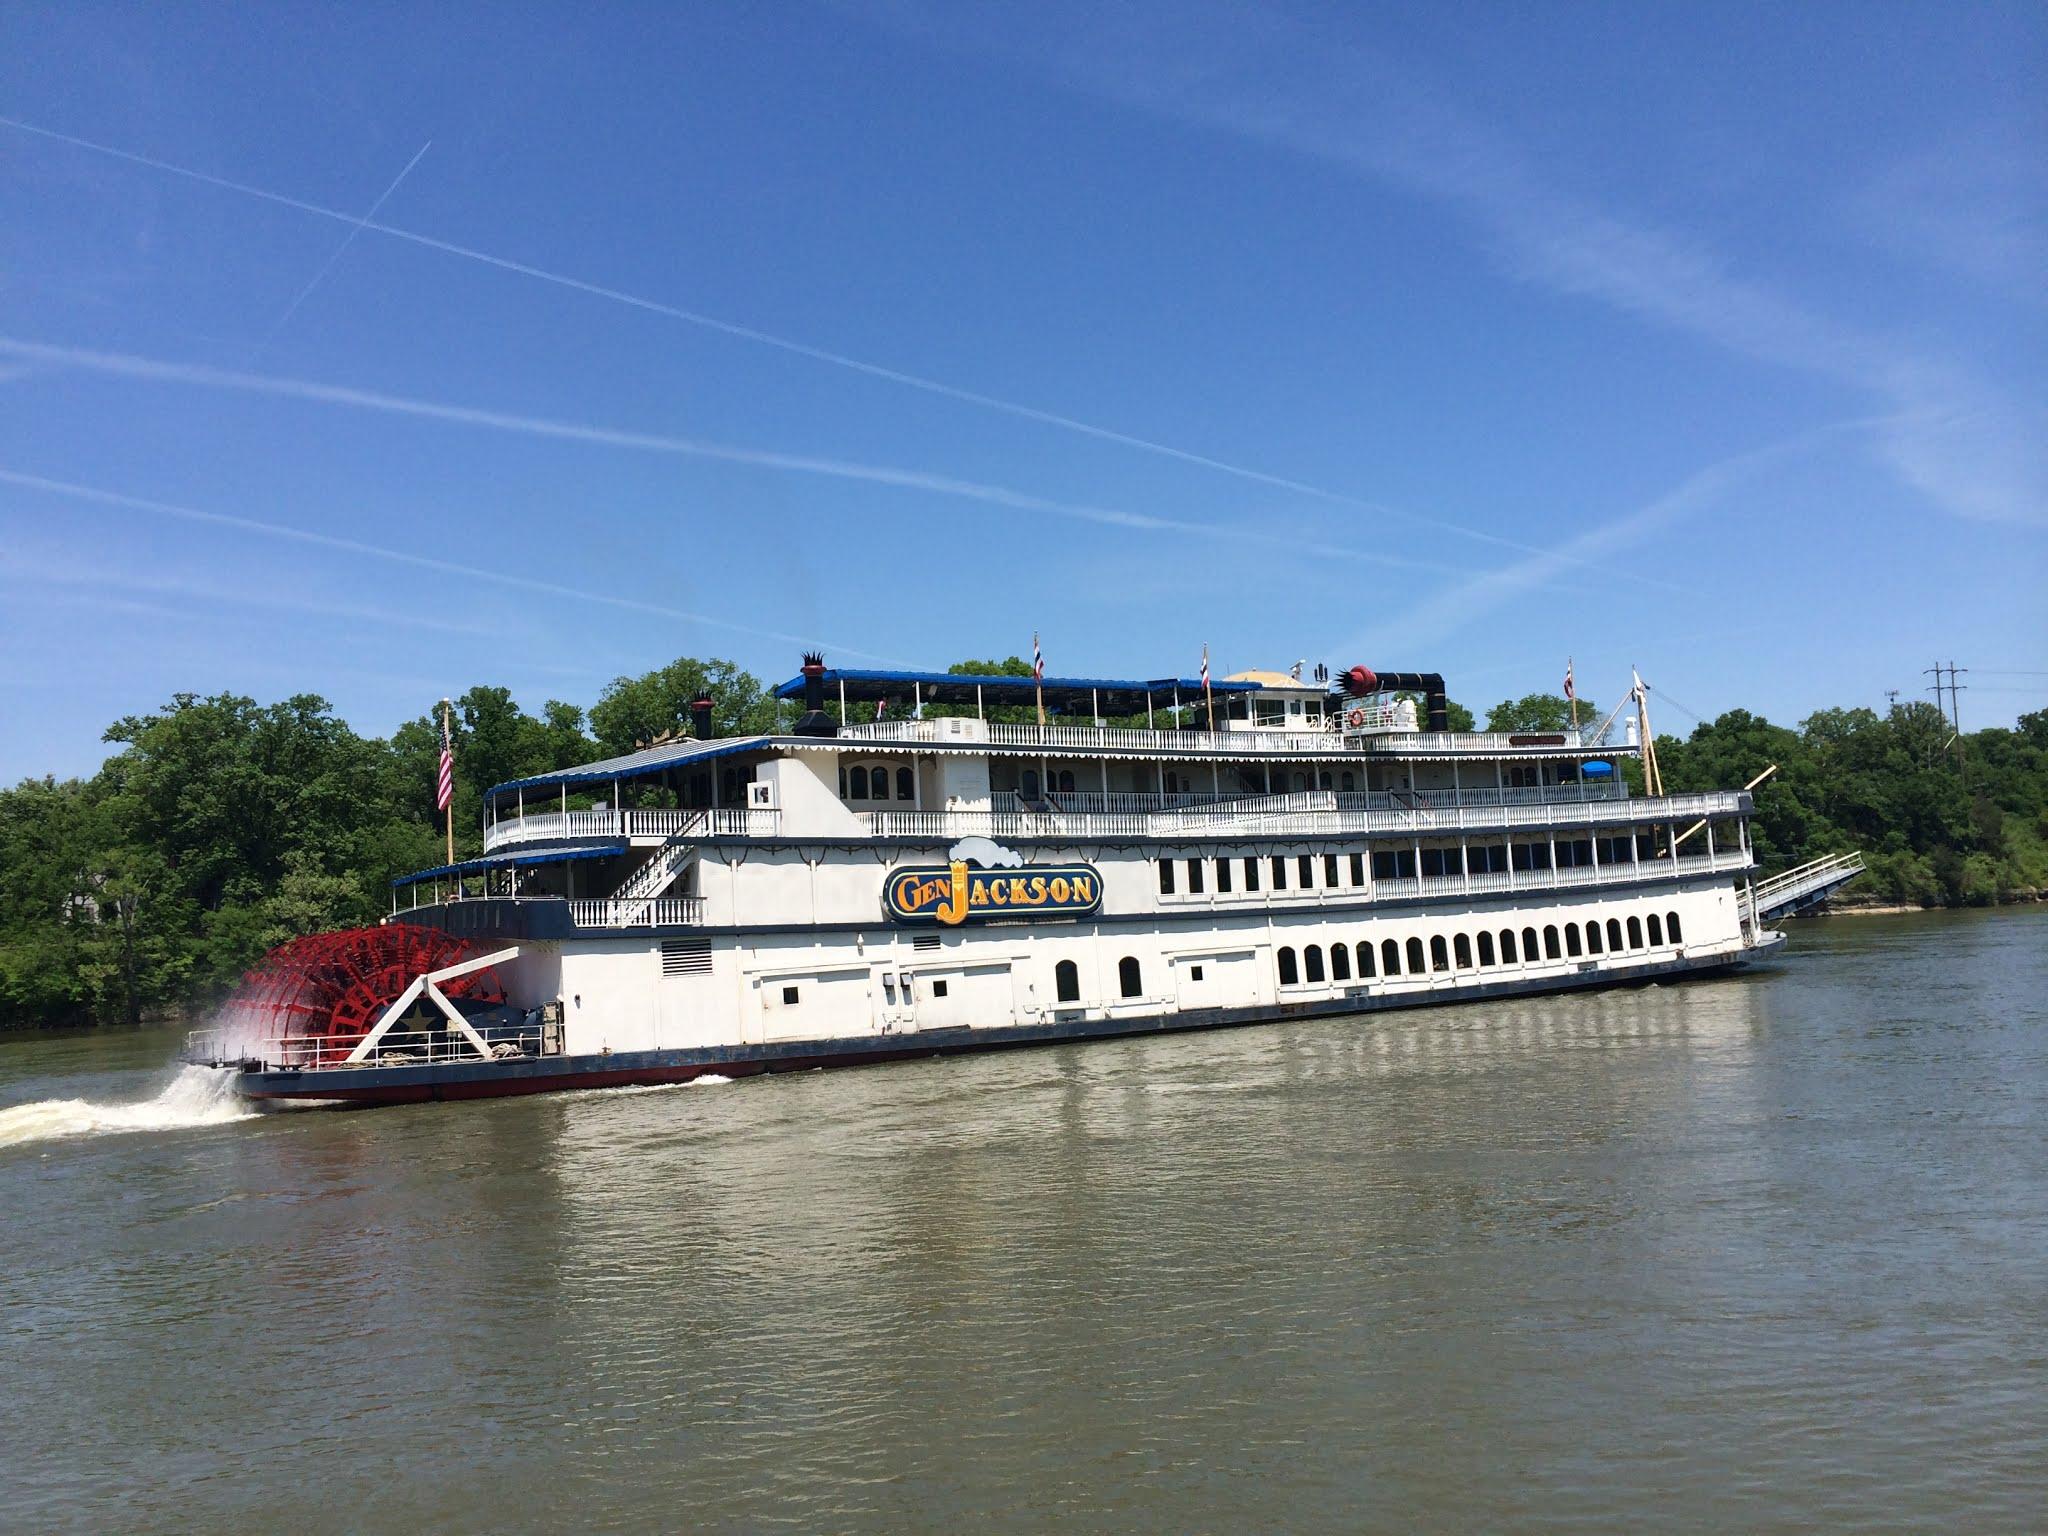 General Jackson Showboat Nashville